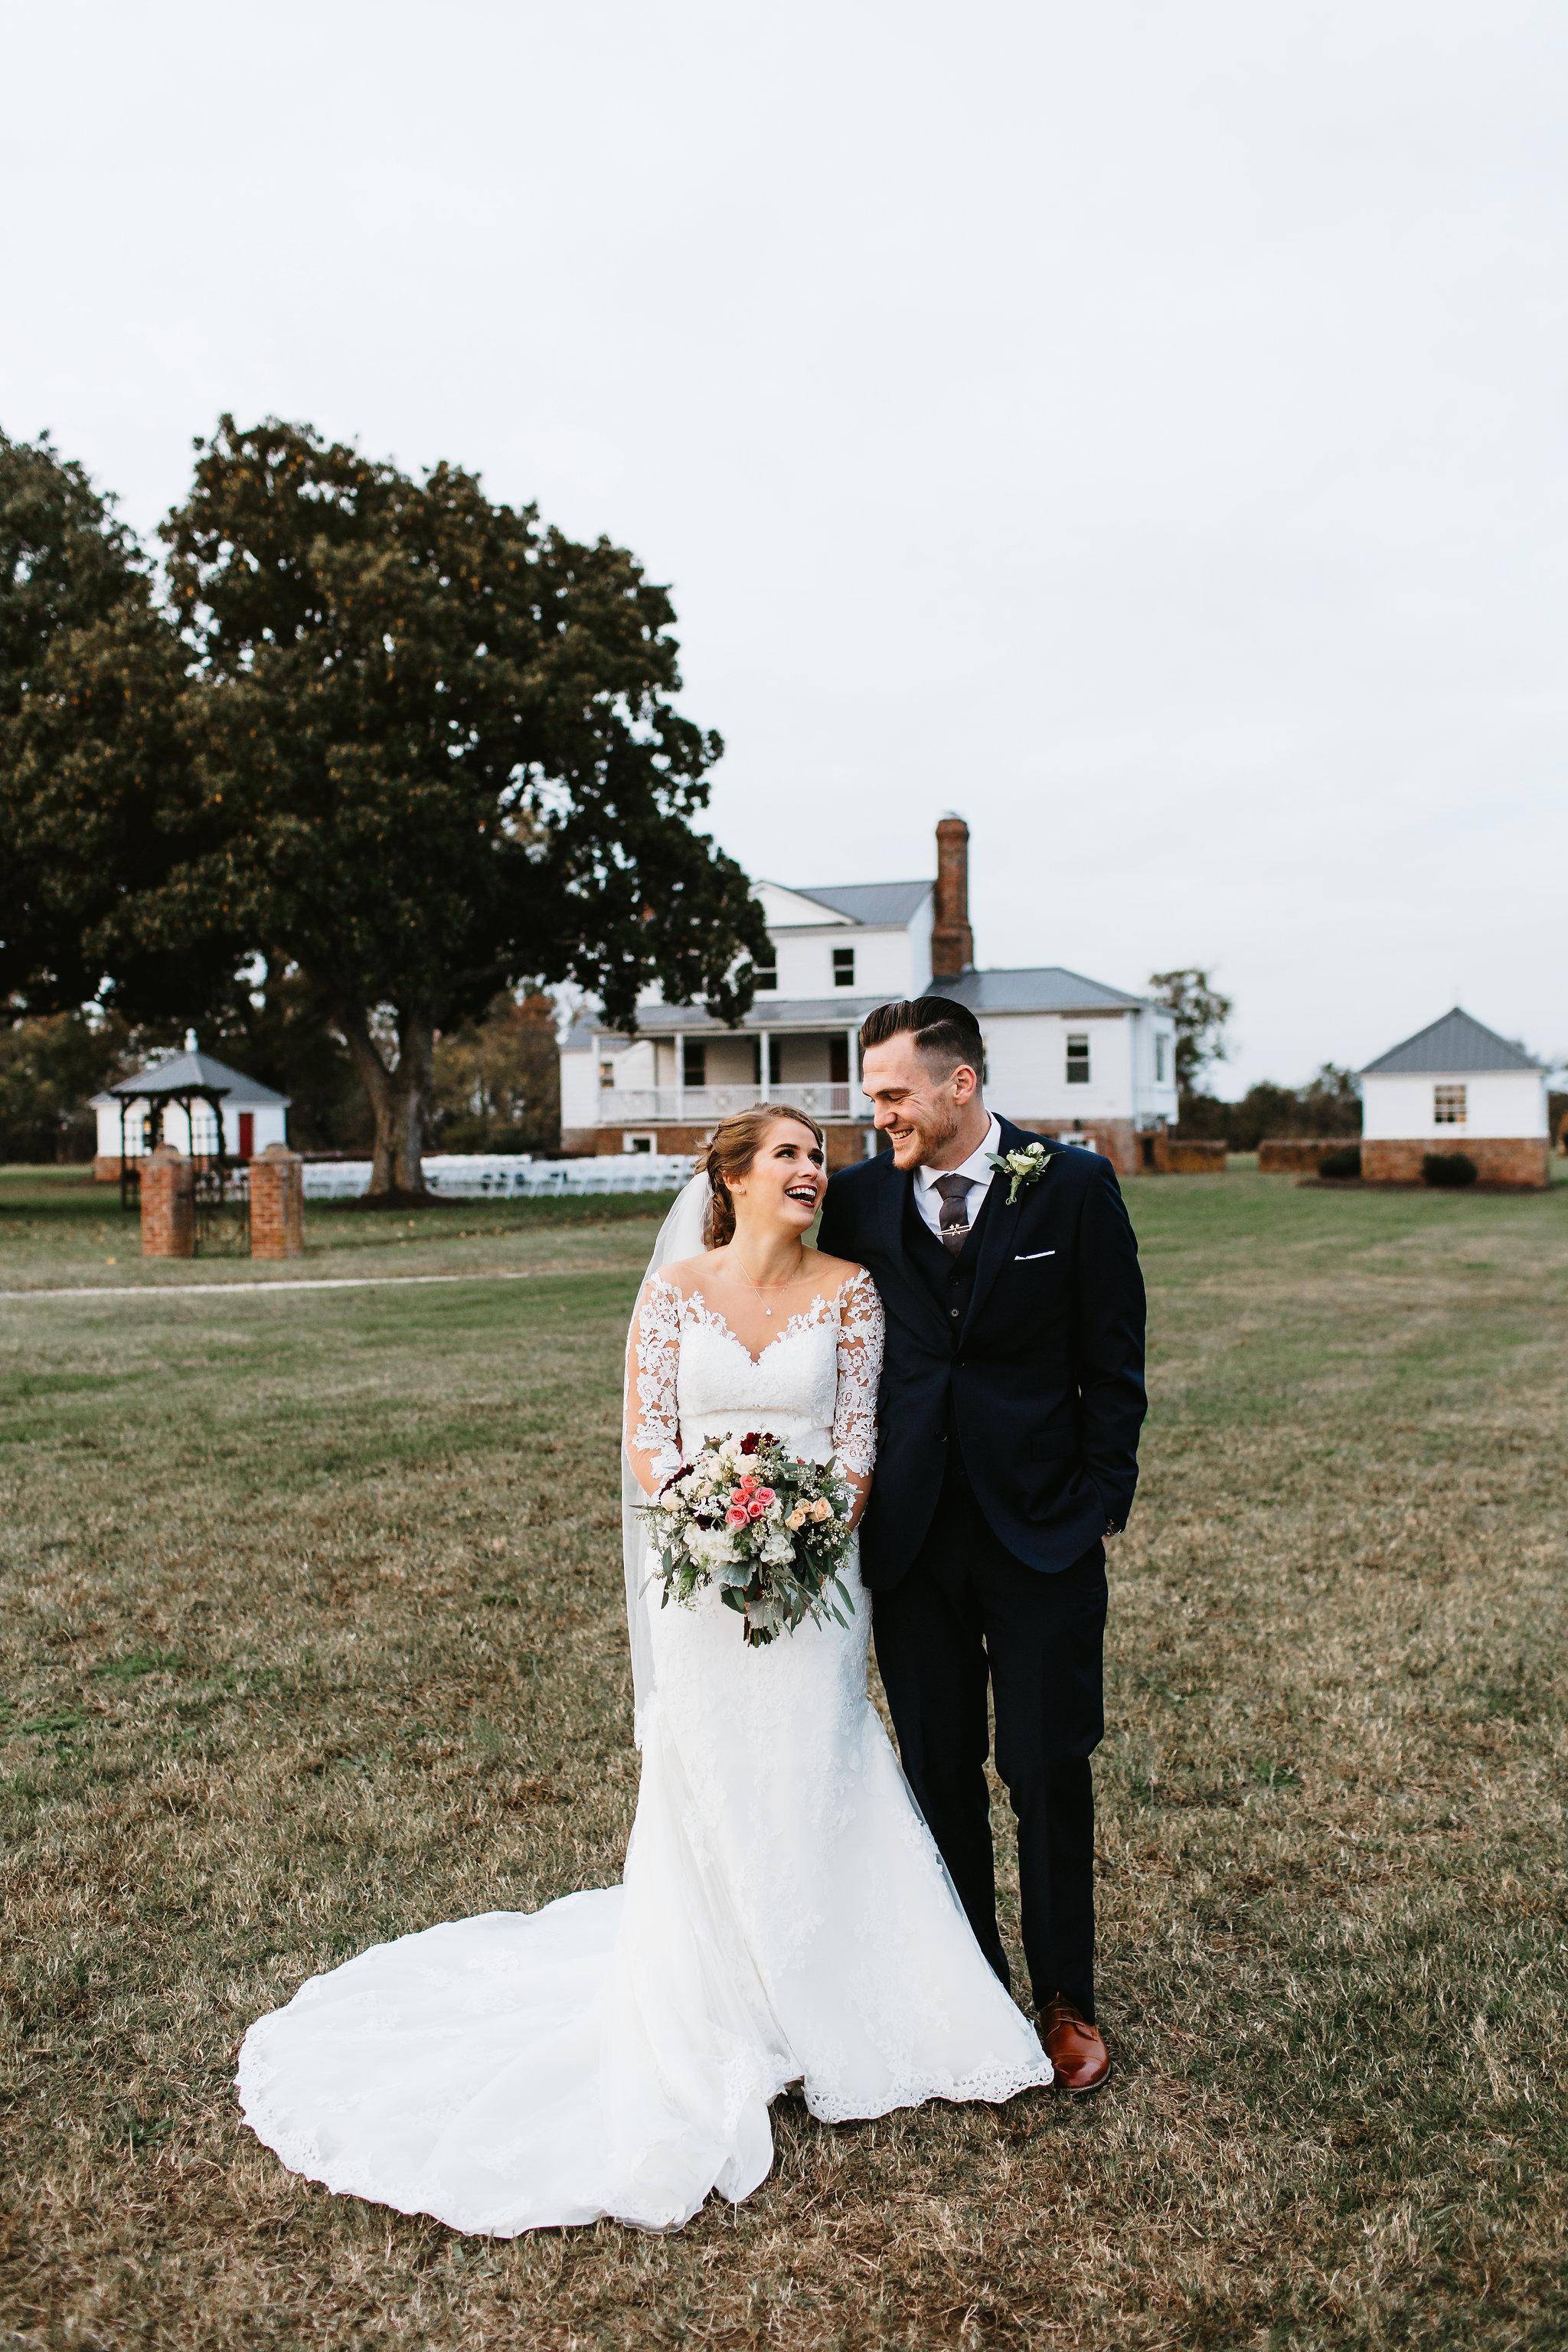 Caroline&AdamMarried2017-11-29at9.59.34AM45.jpg